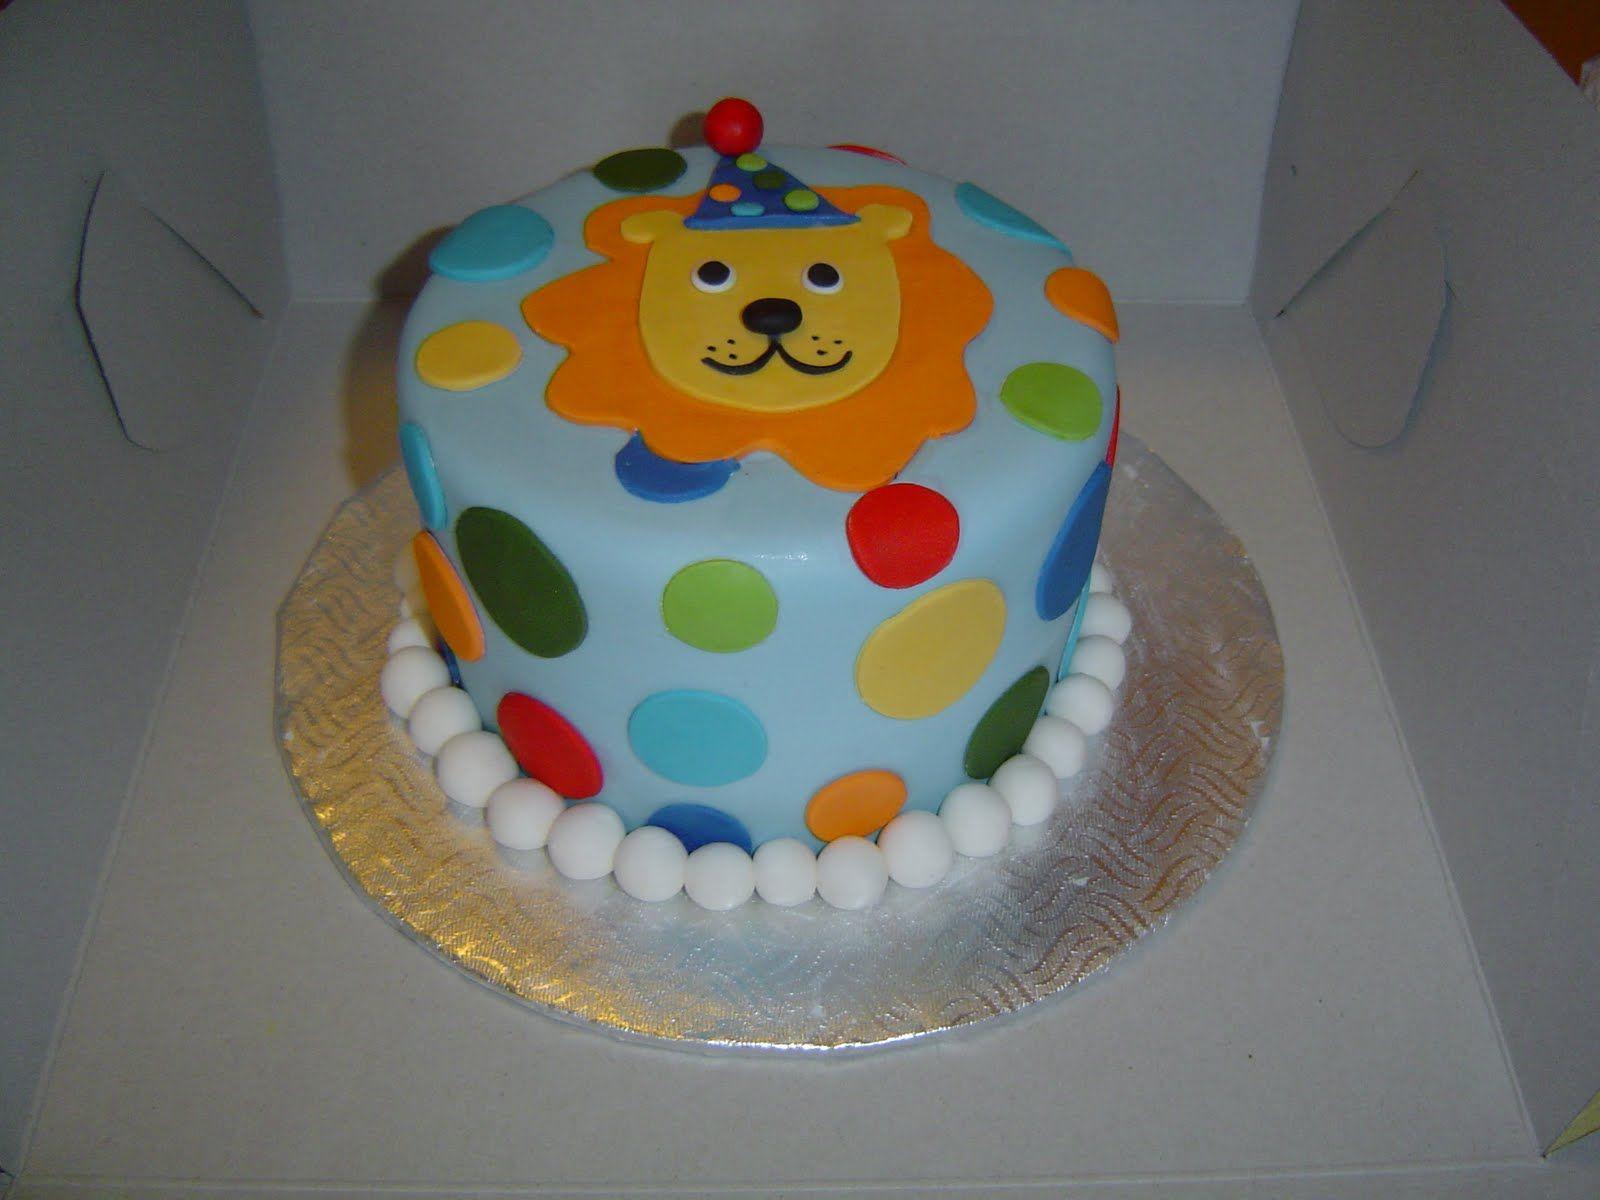 Awesome 3Rd Birthday Cake Cupcakes Cupcake Birthday Cake 3Rd Personalised Birthday Cards Beptaeletsinfo